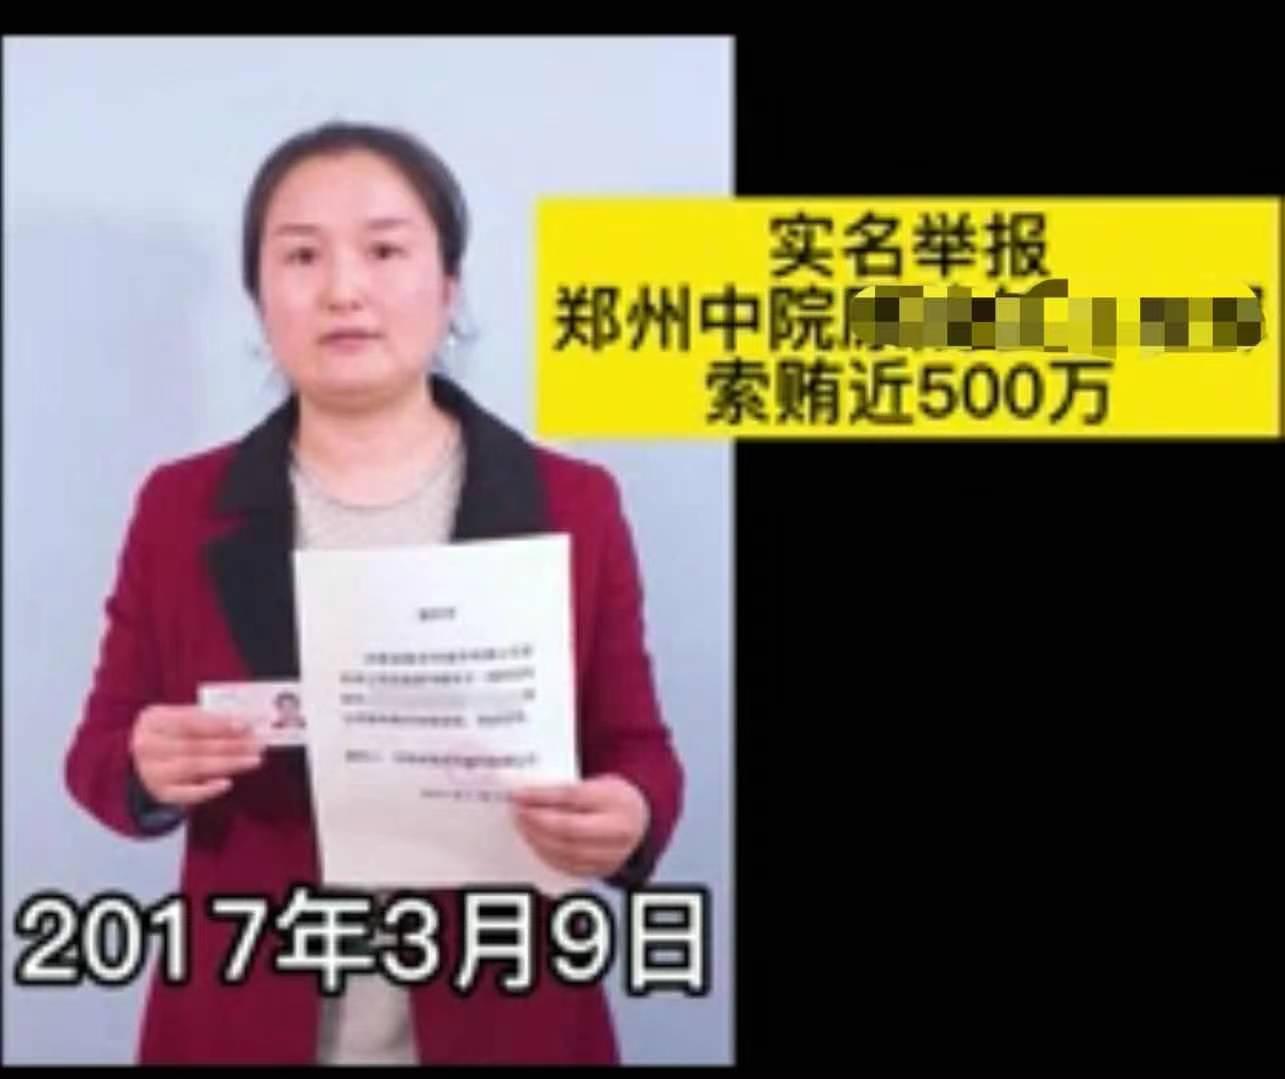 河南郑州一企业实名举报官员受贿500万元,当地:正核实